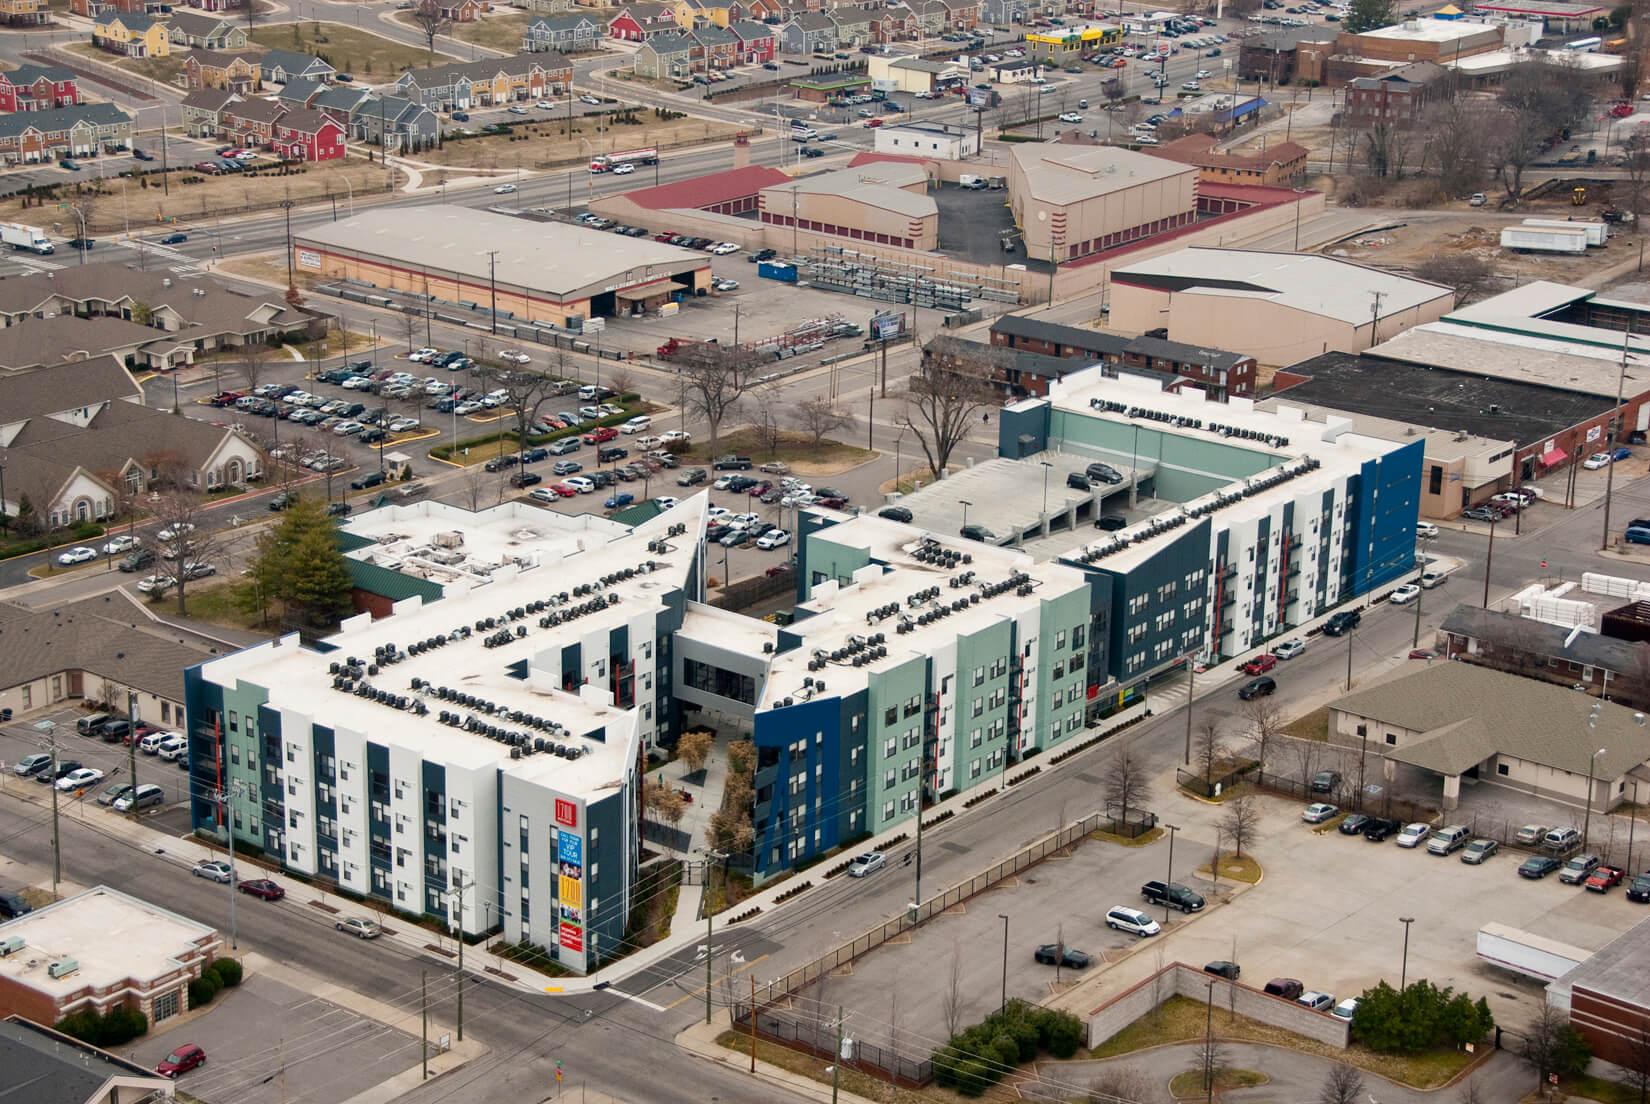 1700 Midtown aerial